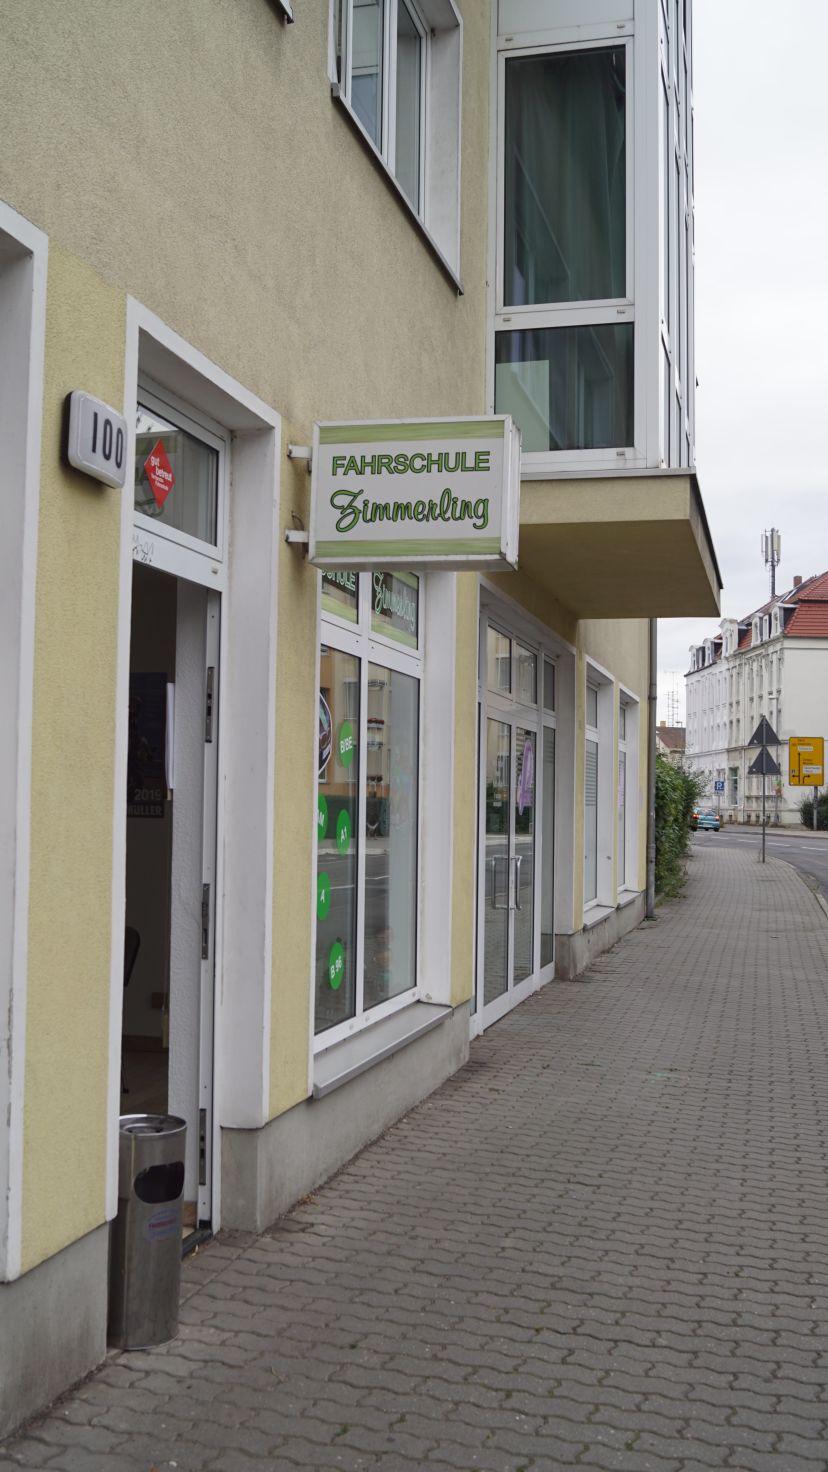 Fahrschule Zimmerling Detlef Mölkau 3